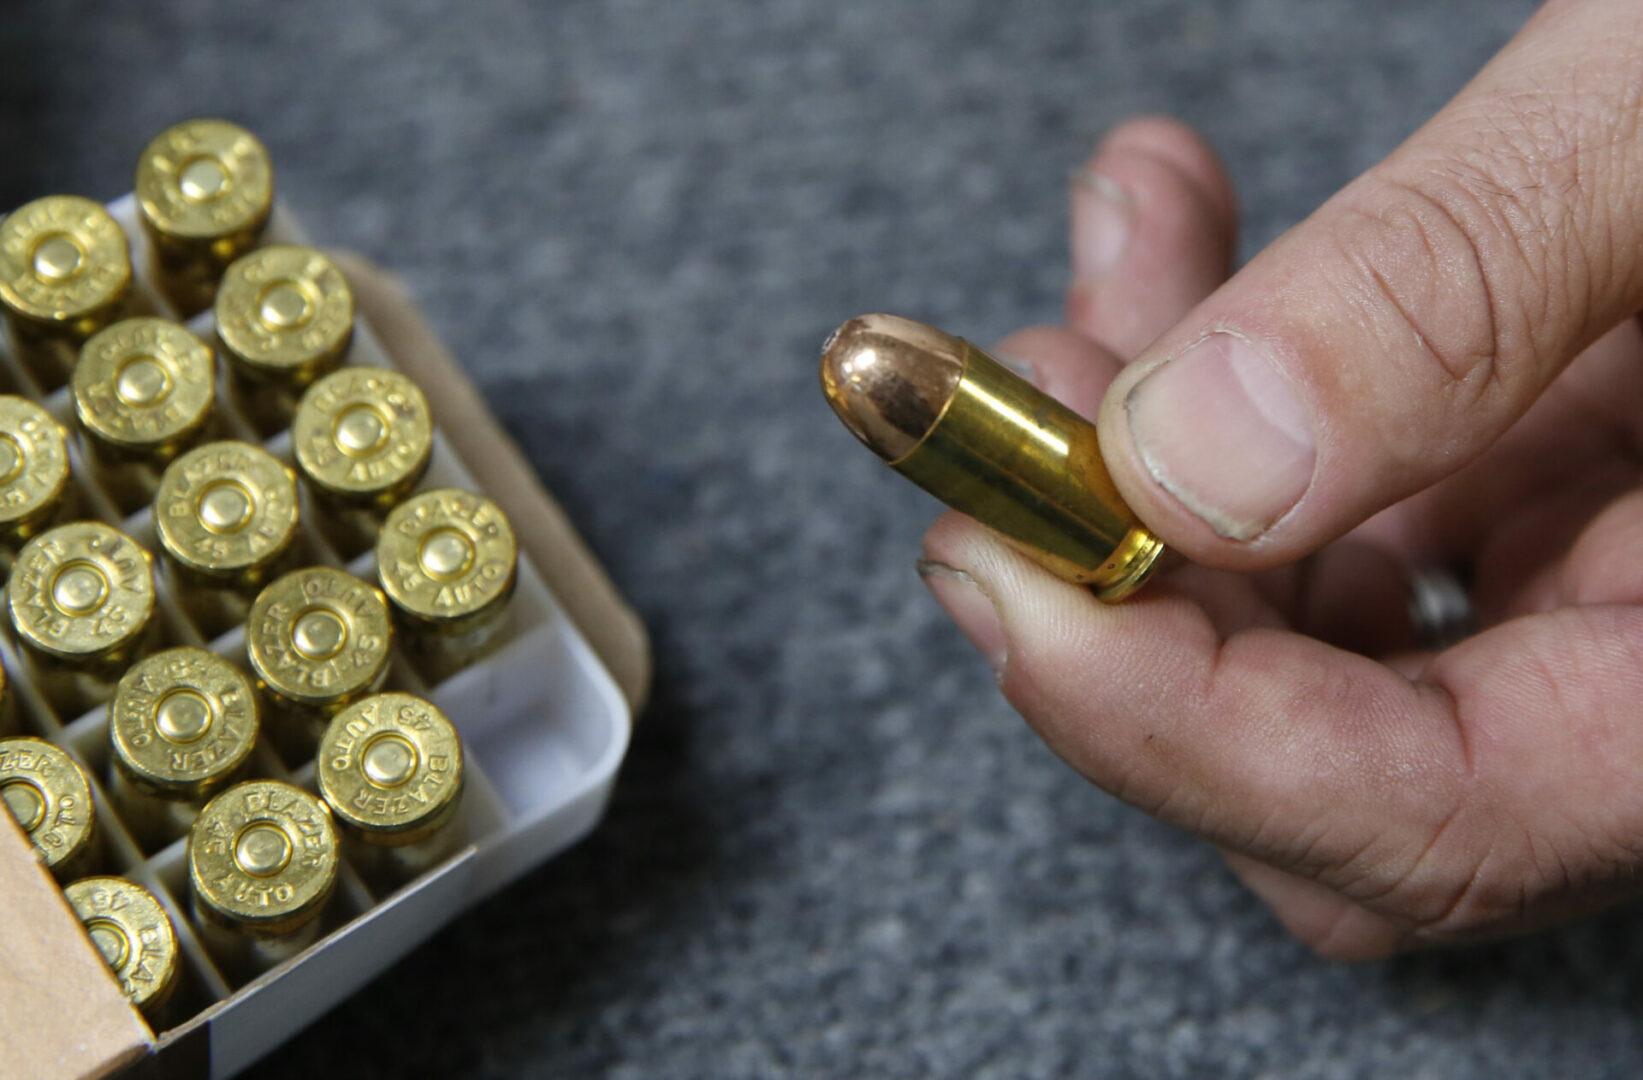 La policía ha recuperado más de 1.400 armas de fuego ilegales en lo que va de año